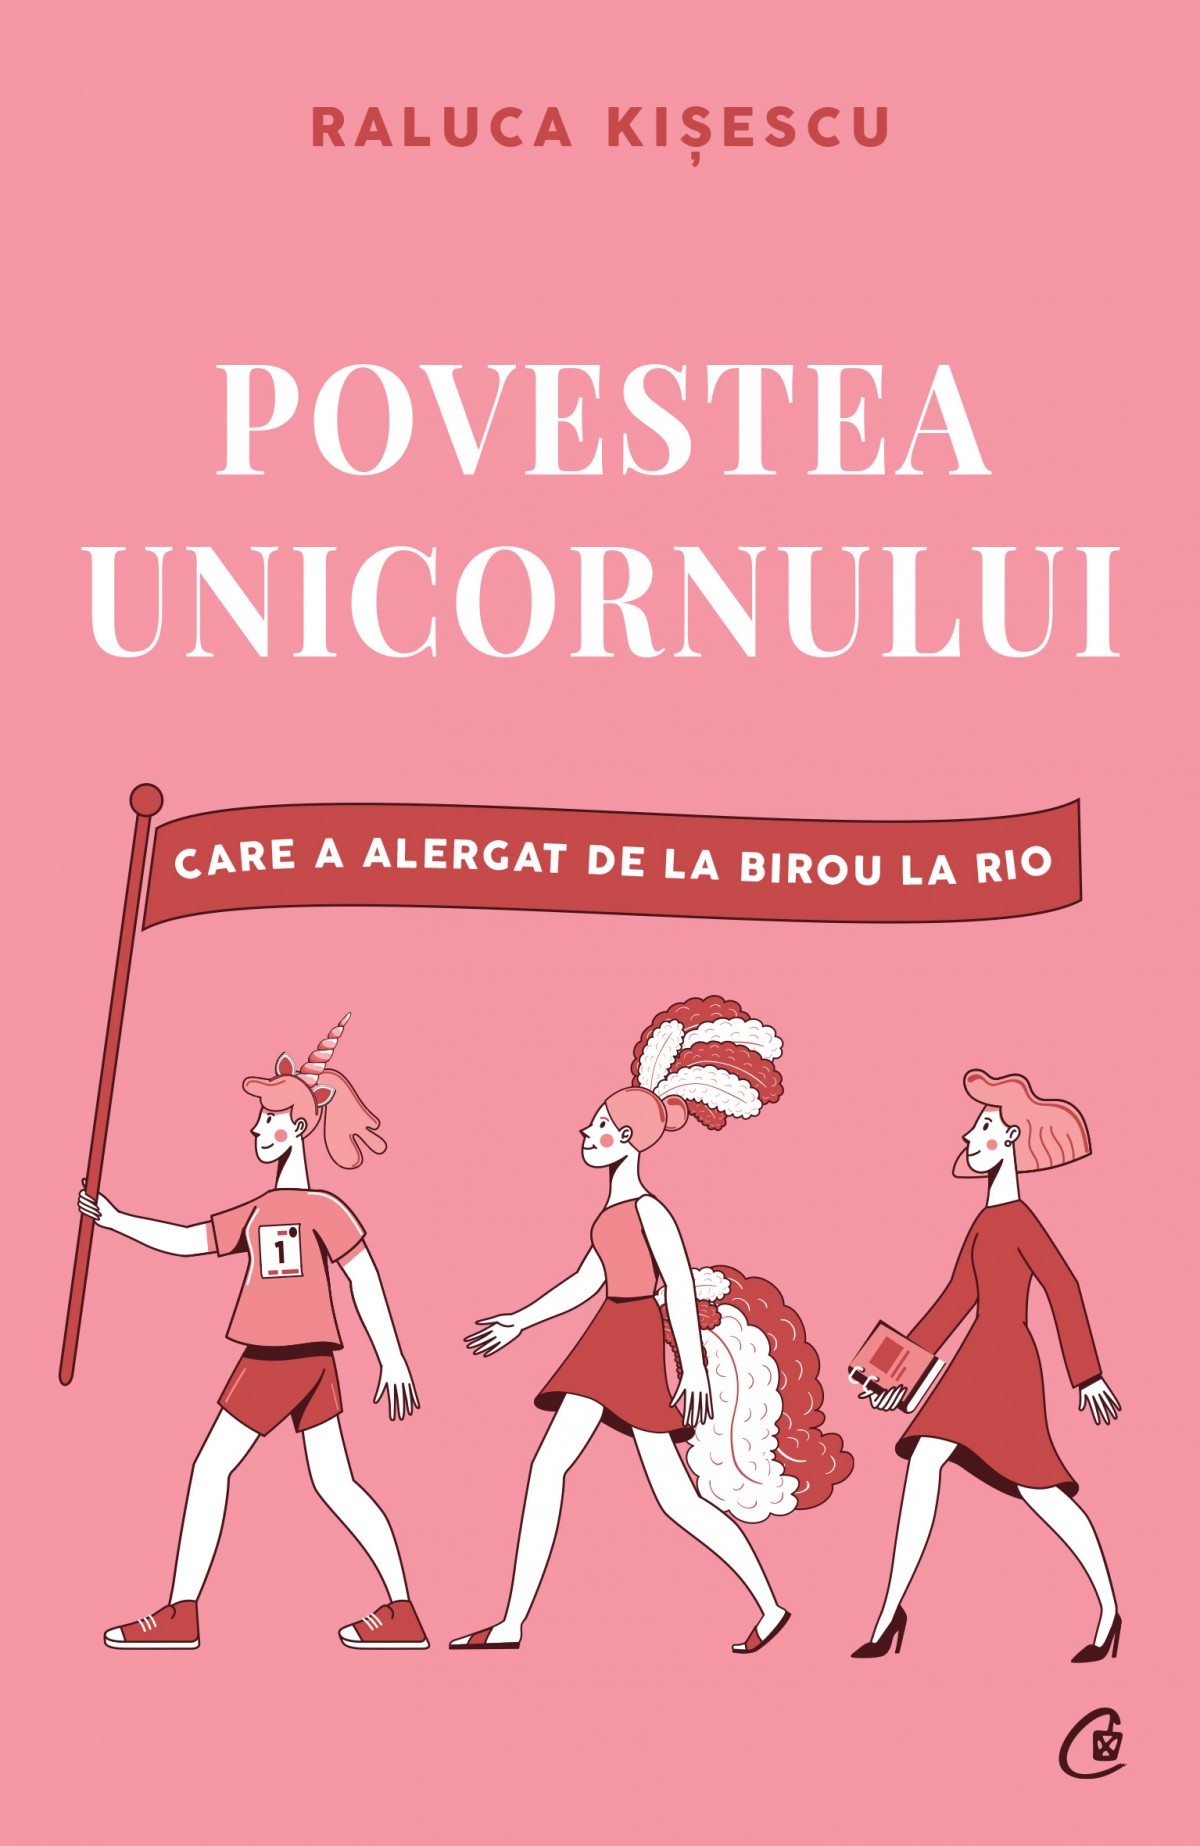 Povestea unicornului